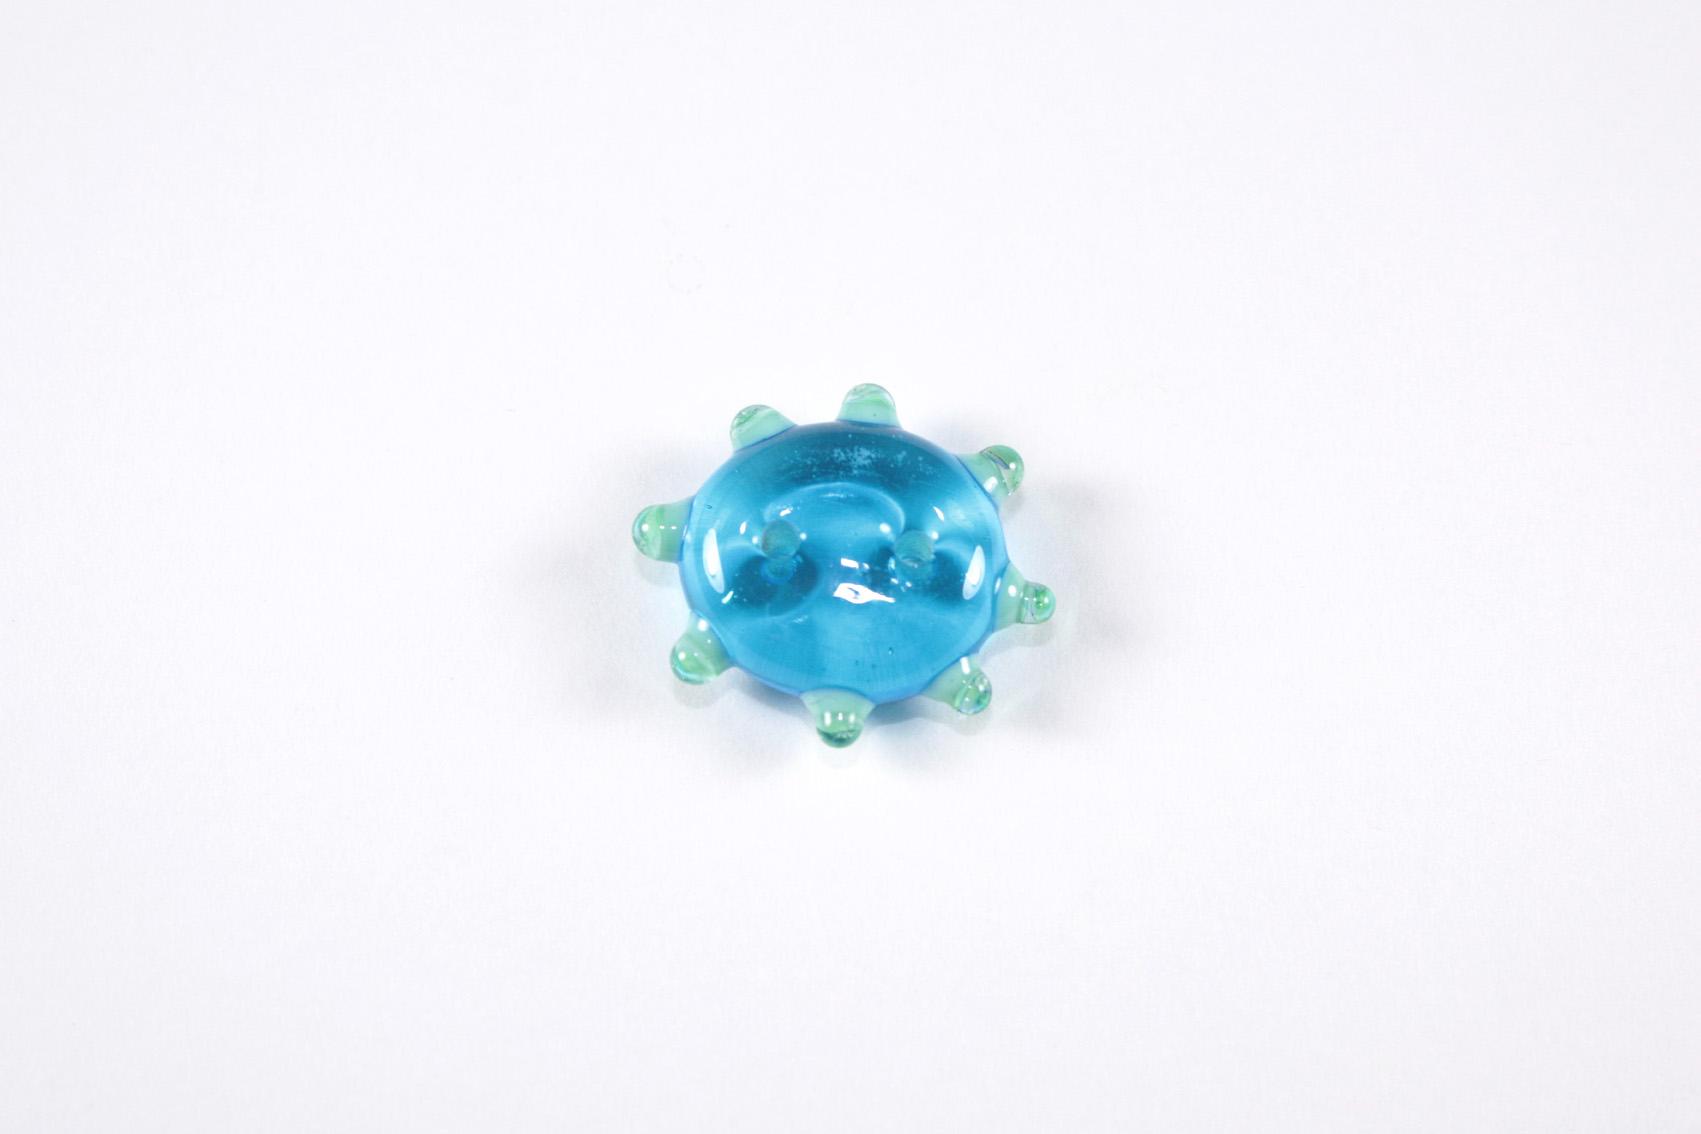 bluebead2.8.1.14